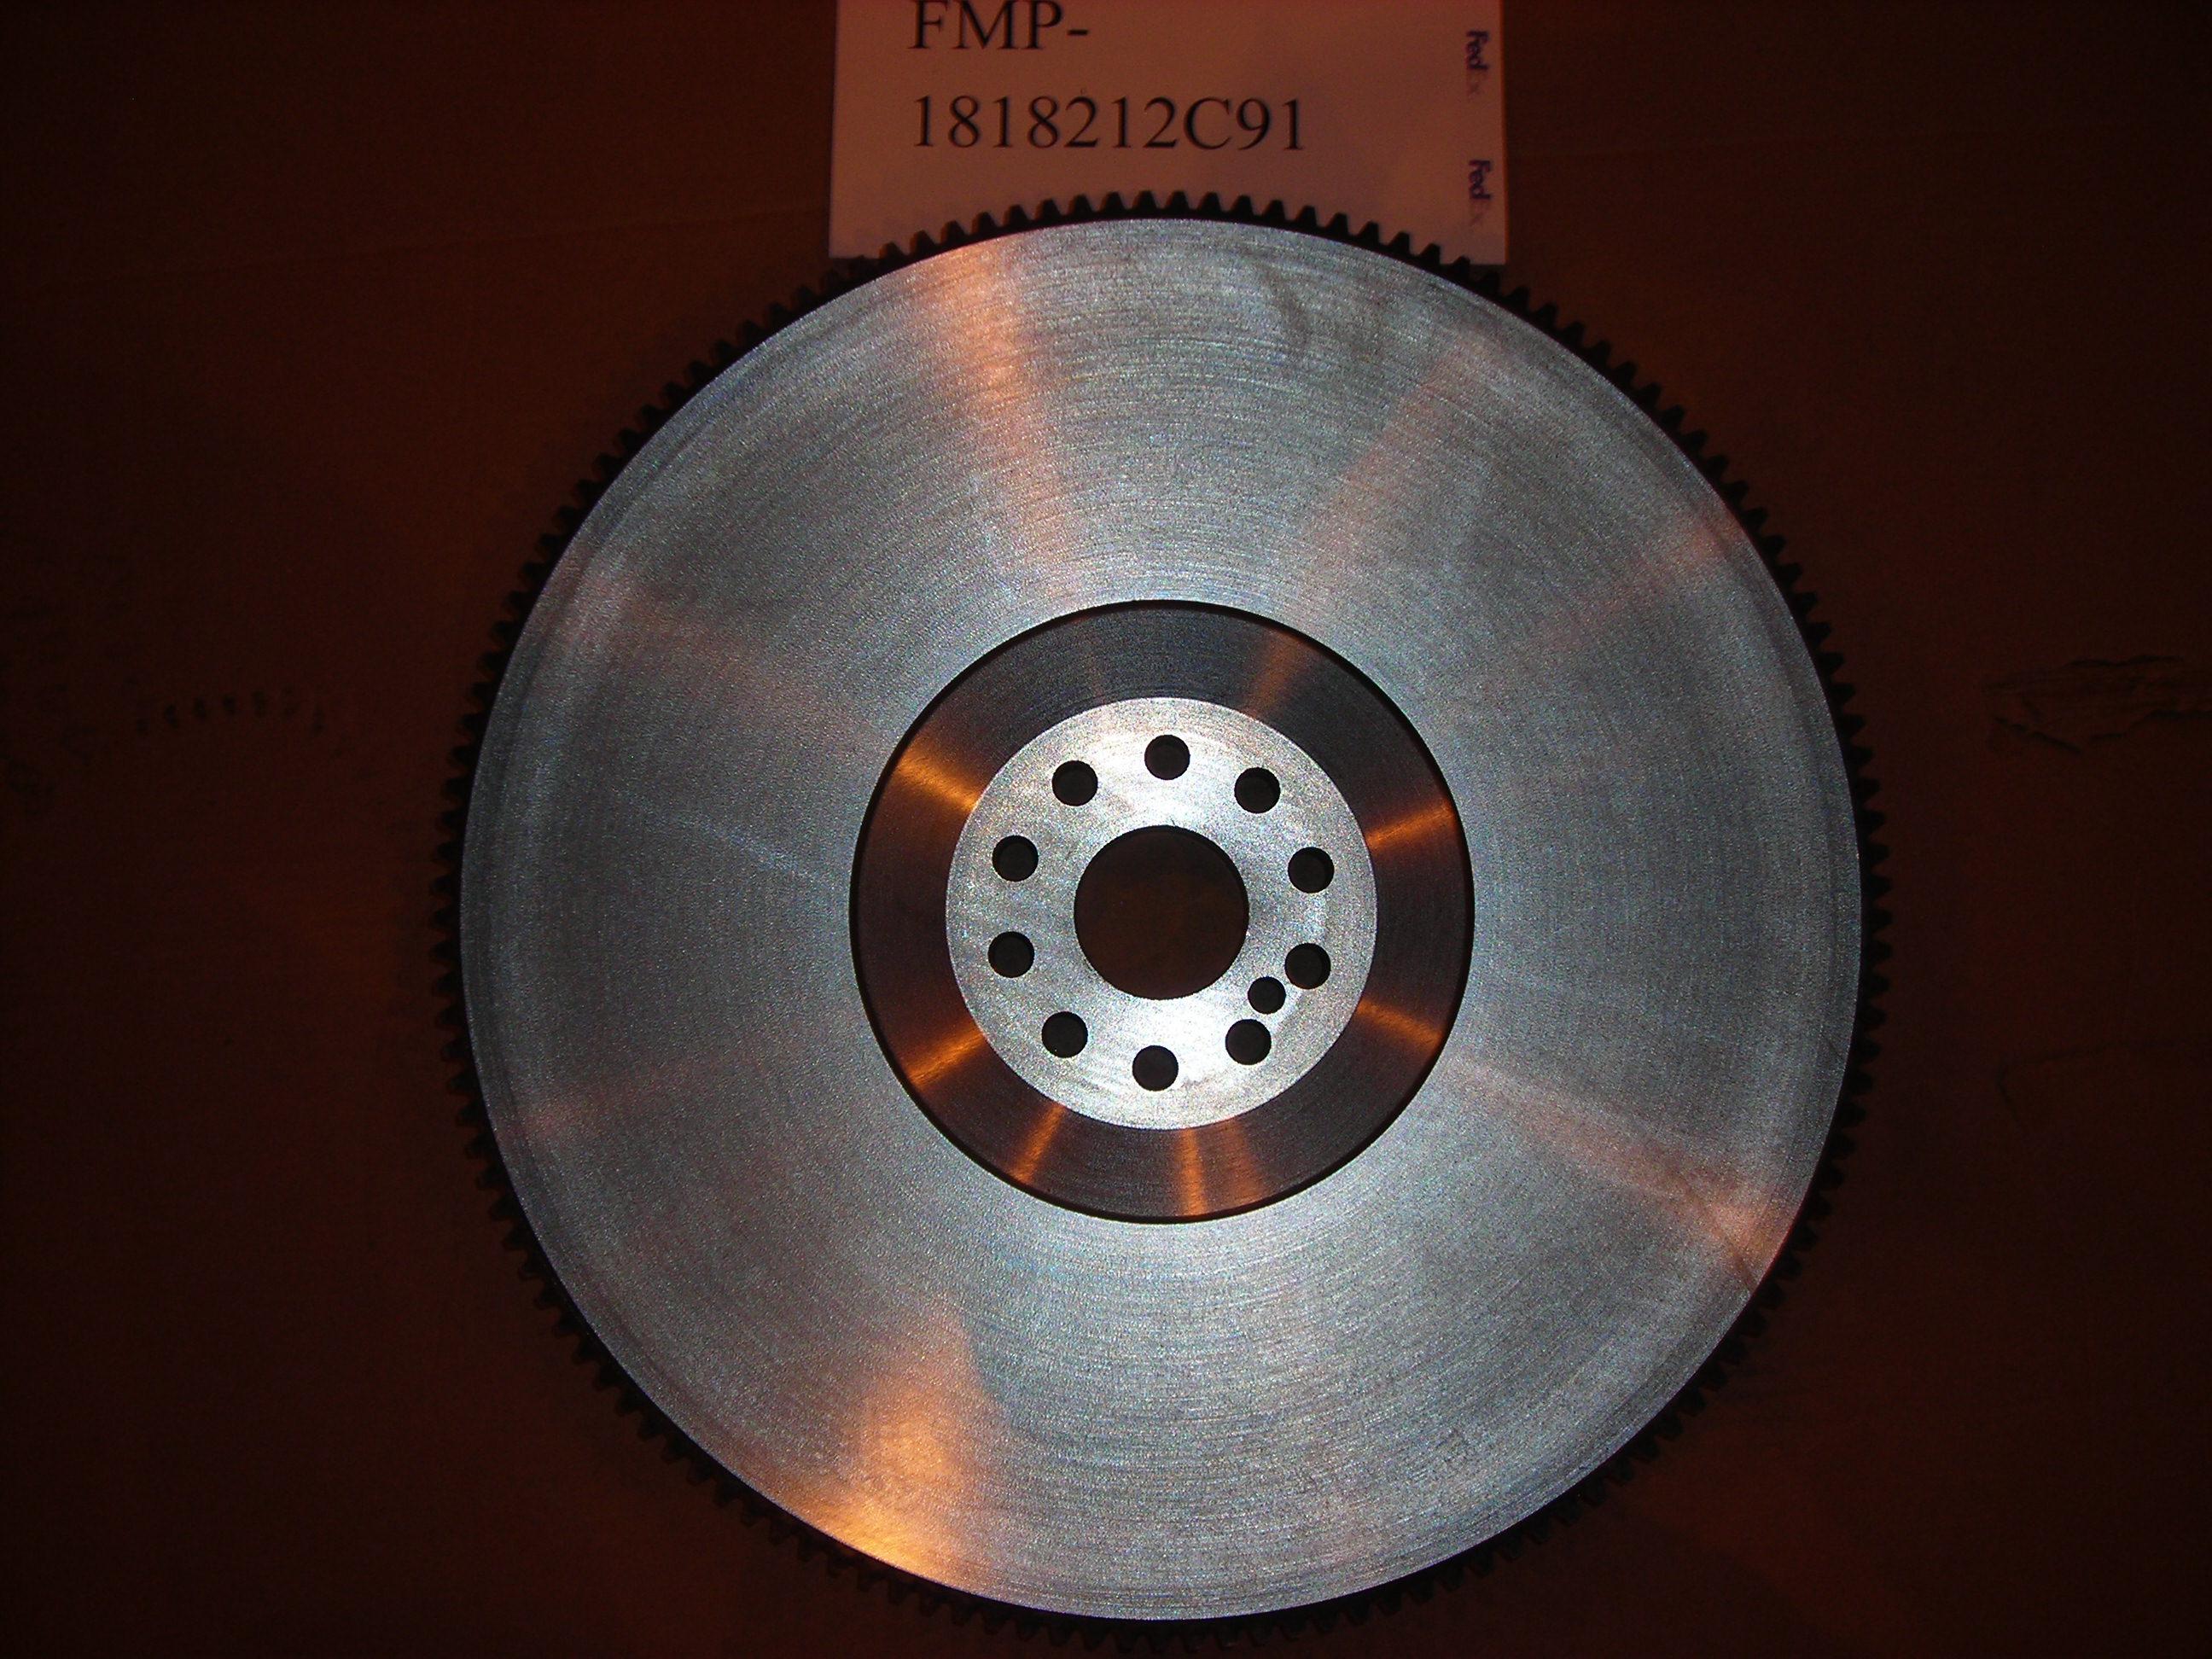 1818212C91 Navistar International Flywheel Rear